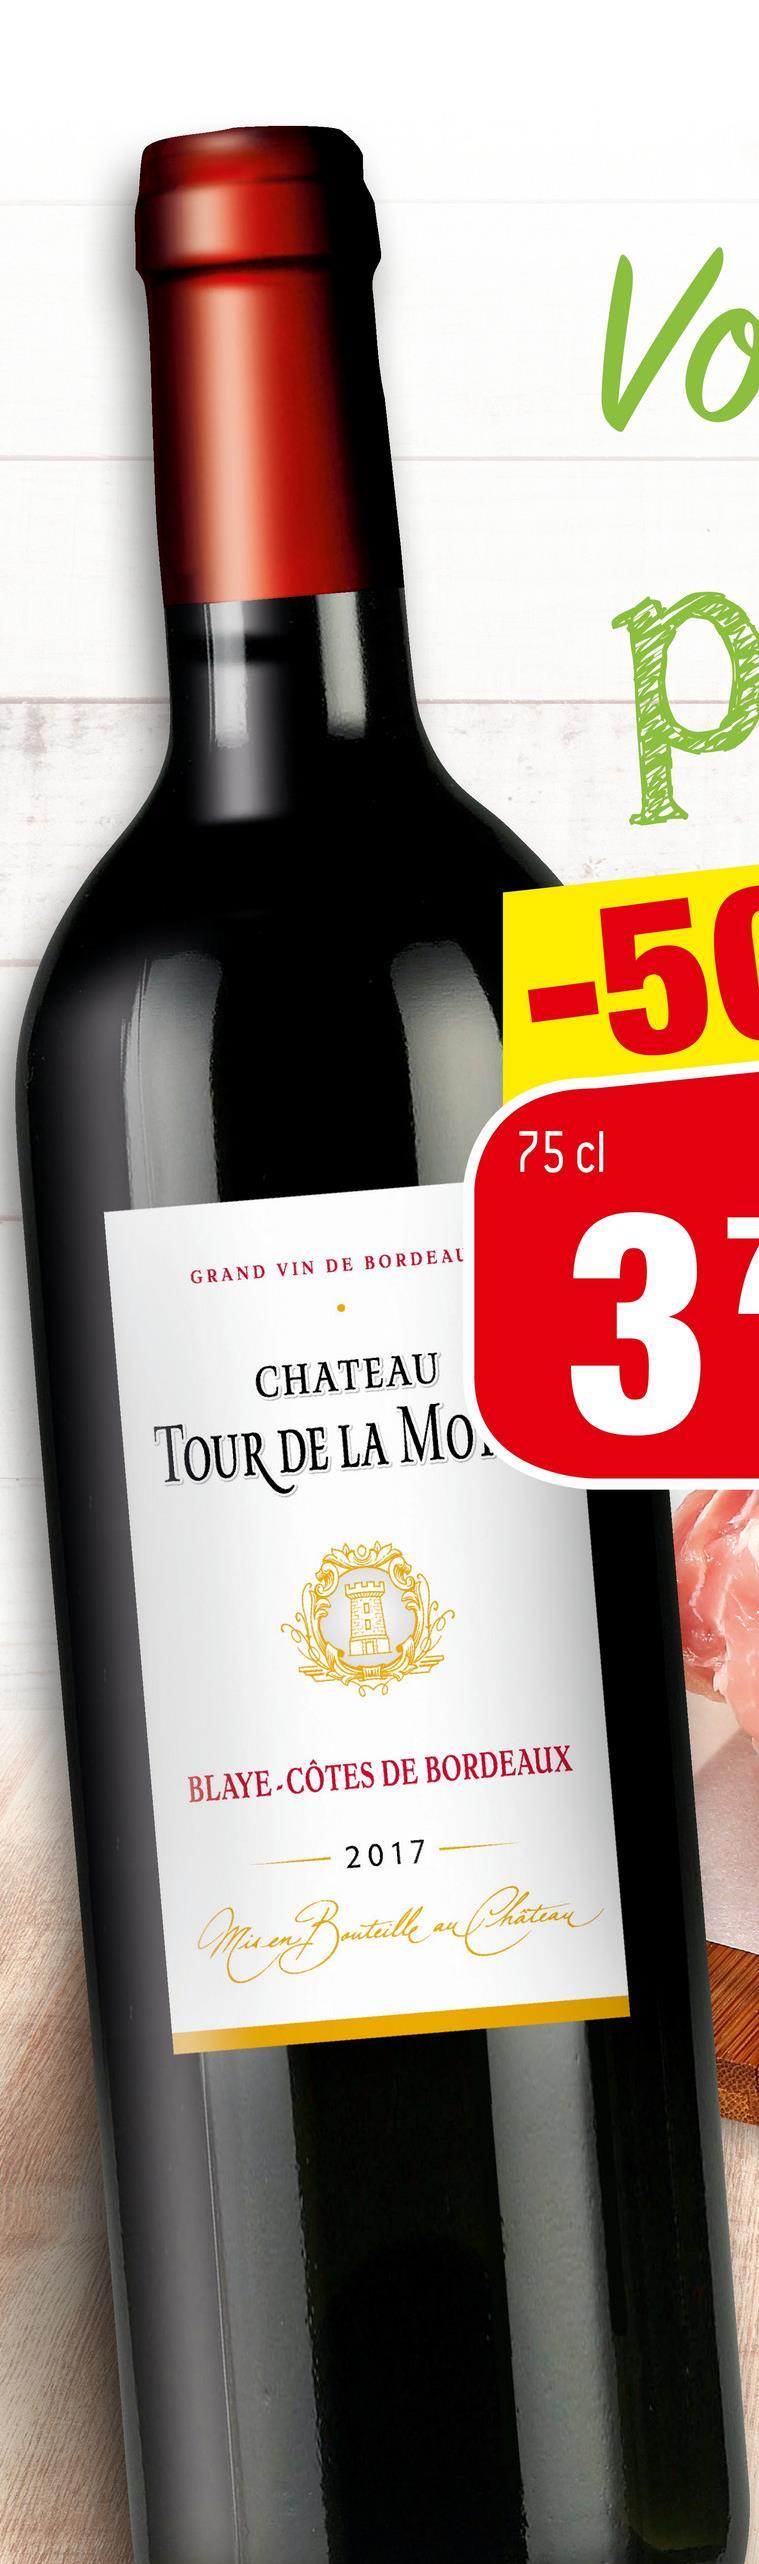 VO o -50 75 cl GRAND VIN DE BORDEAU 3 CHATEAU TOUR DE LA MO BLAYE-CÔTES DE BORDEAUX 2017 PicoBoitelle und Fertian